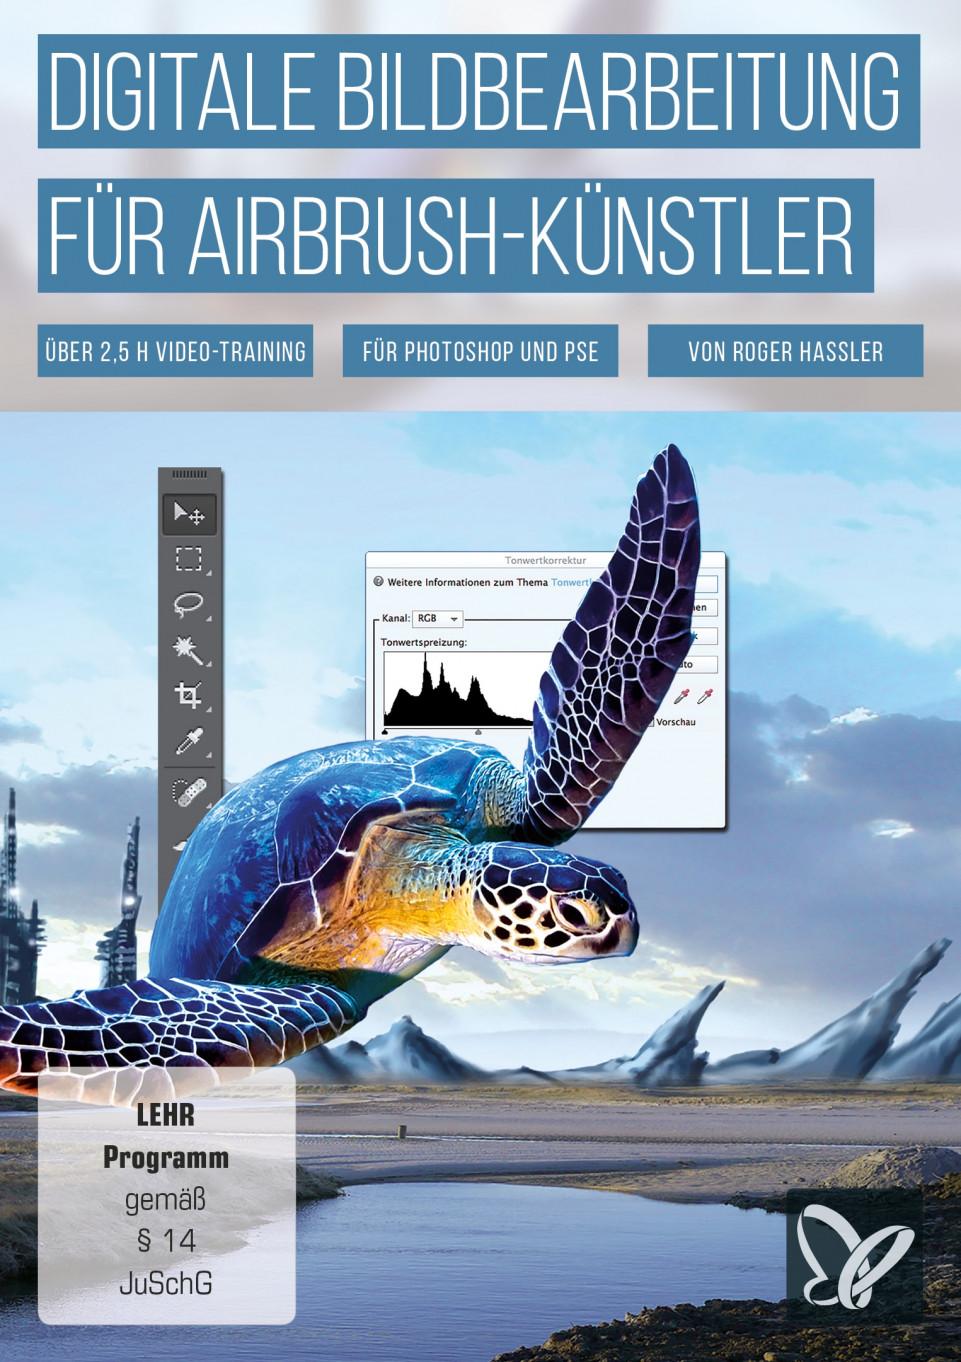 Digitale Bildbearbeitung für Airbrush-Künstler